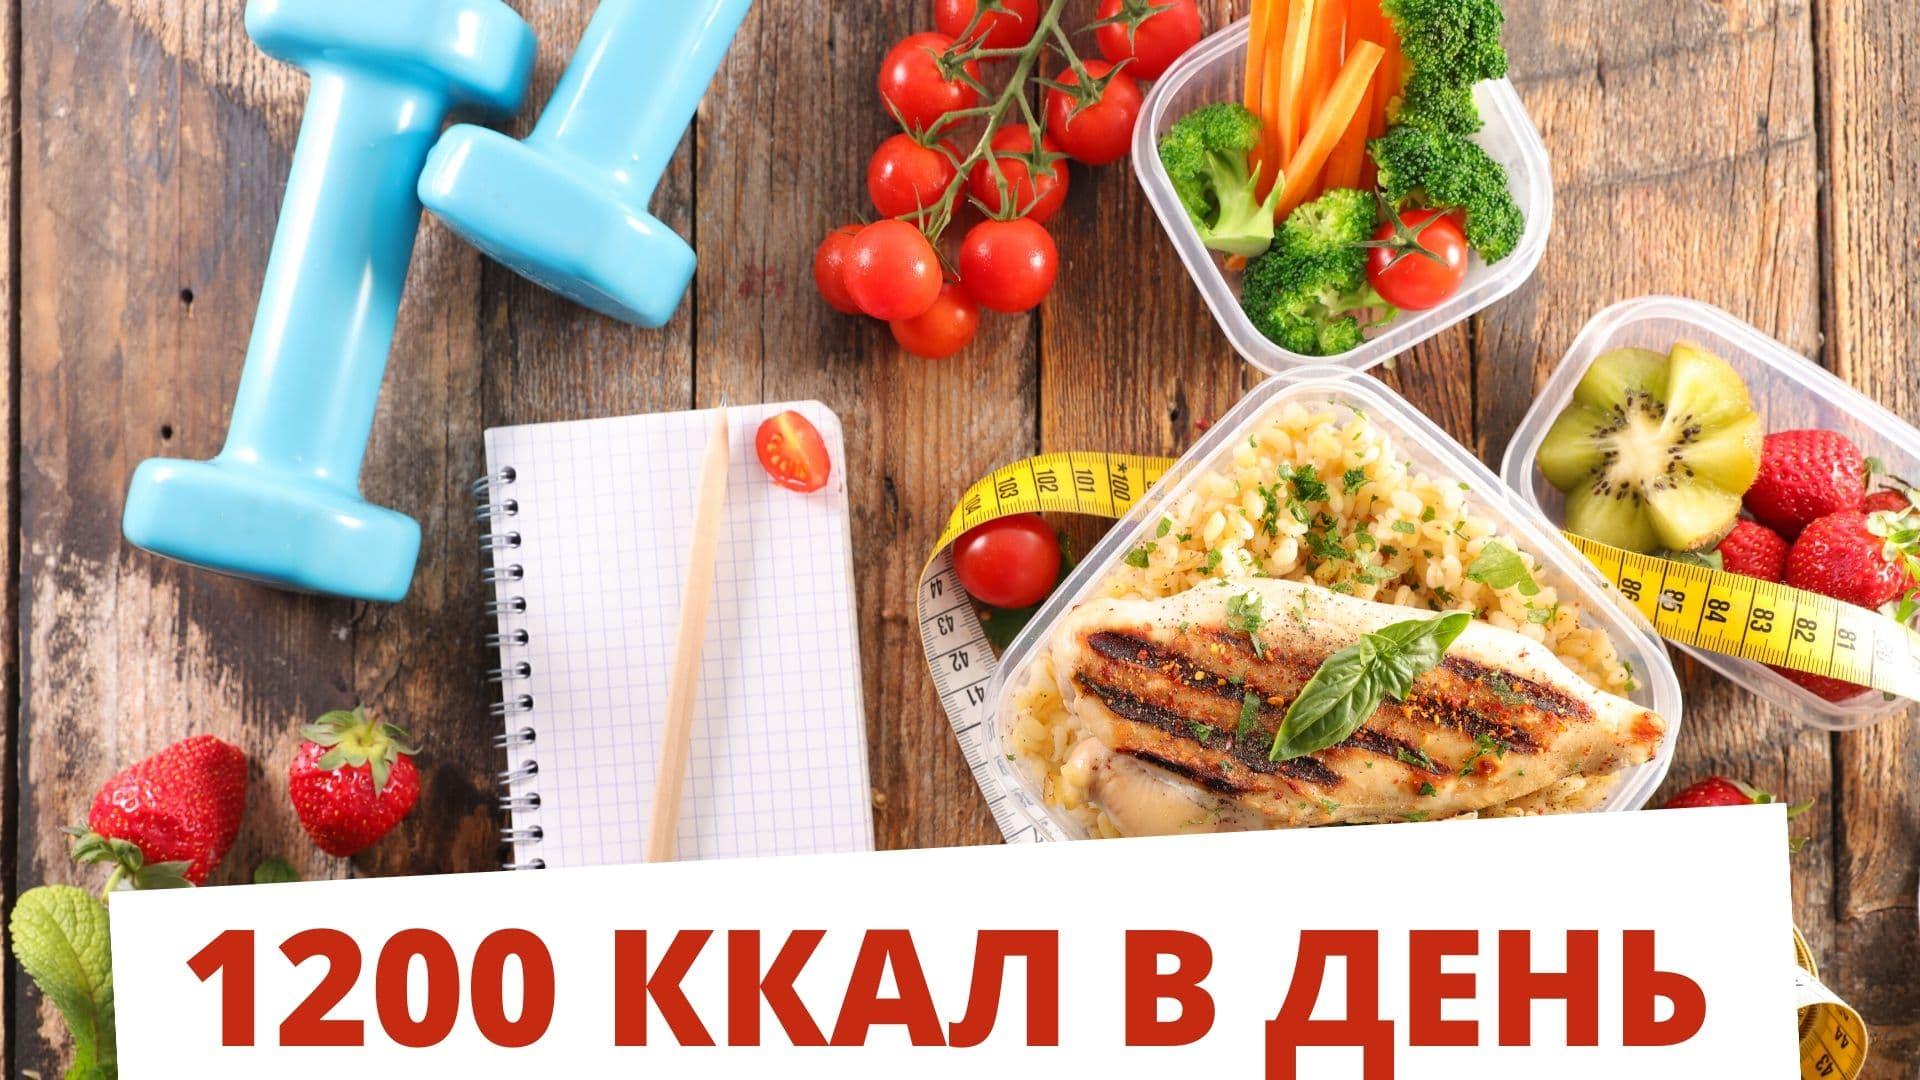 Меню диеты на 1200 ккал в день